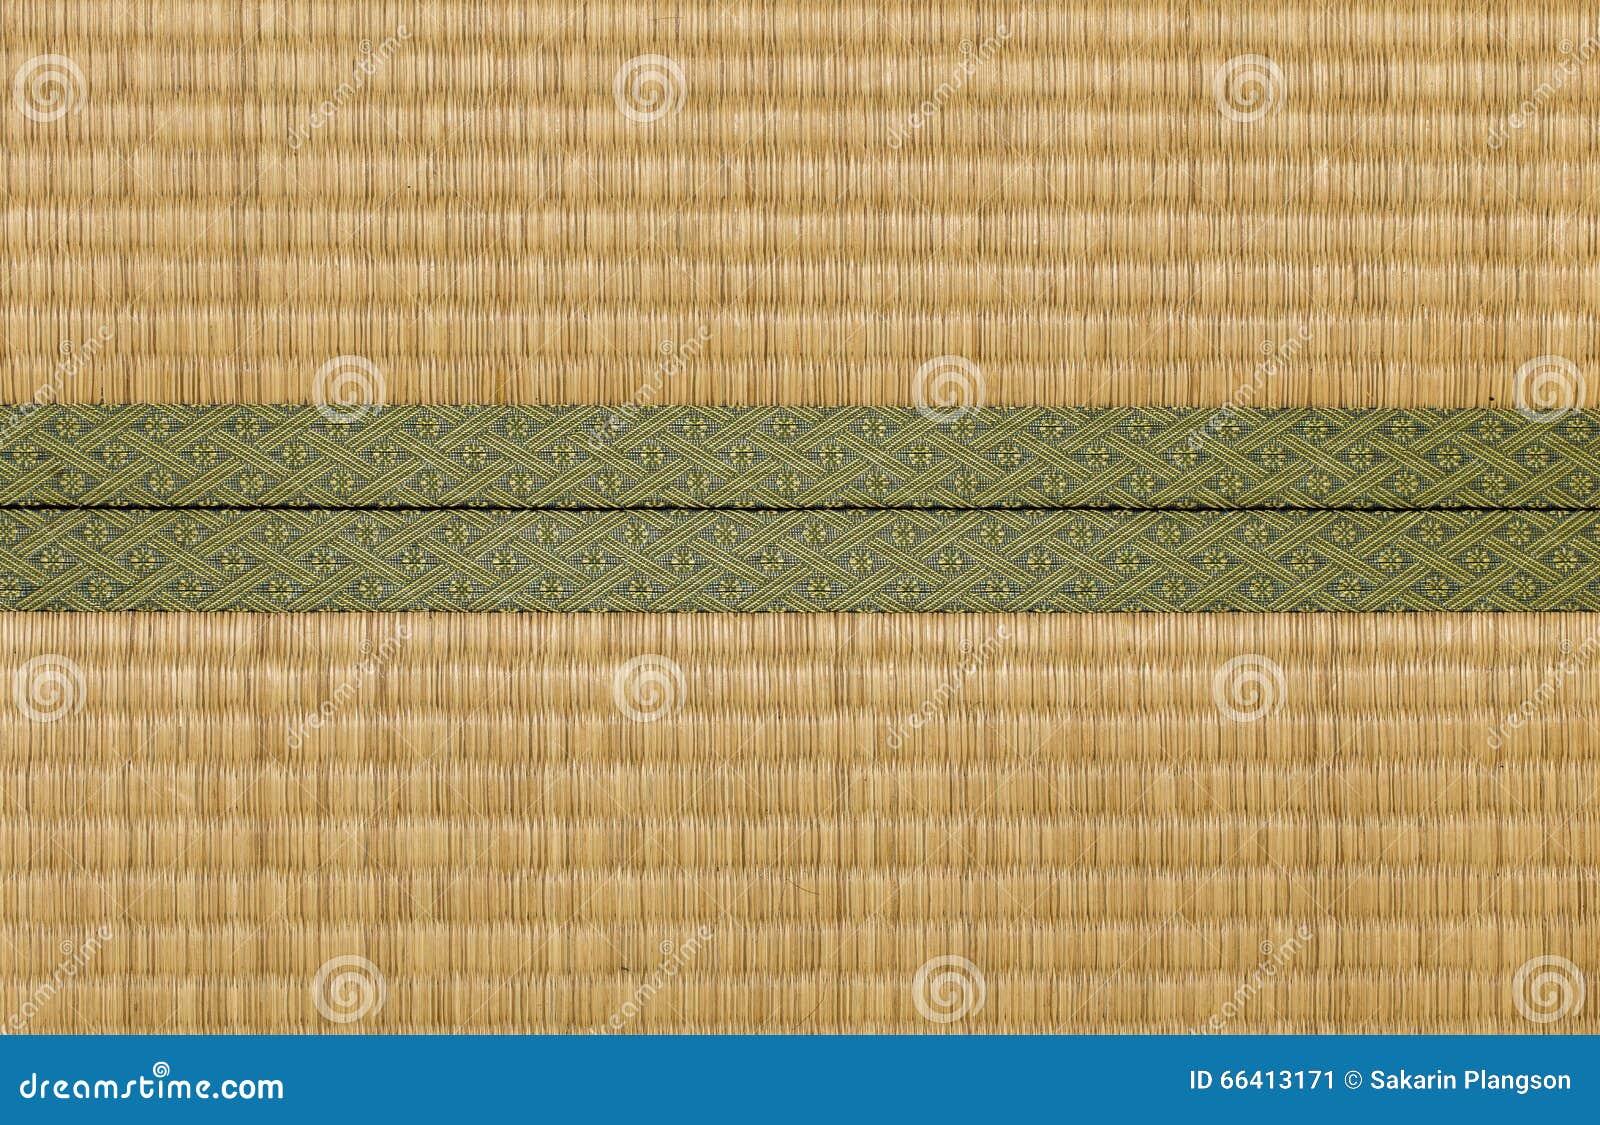 Couvre Tapis Japonais Image Stock Image Du Fond Persan 66413171